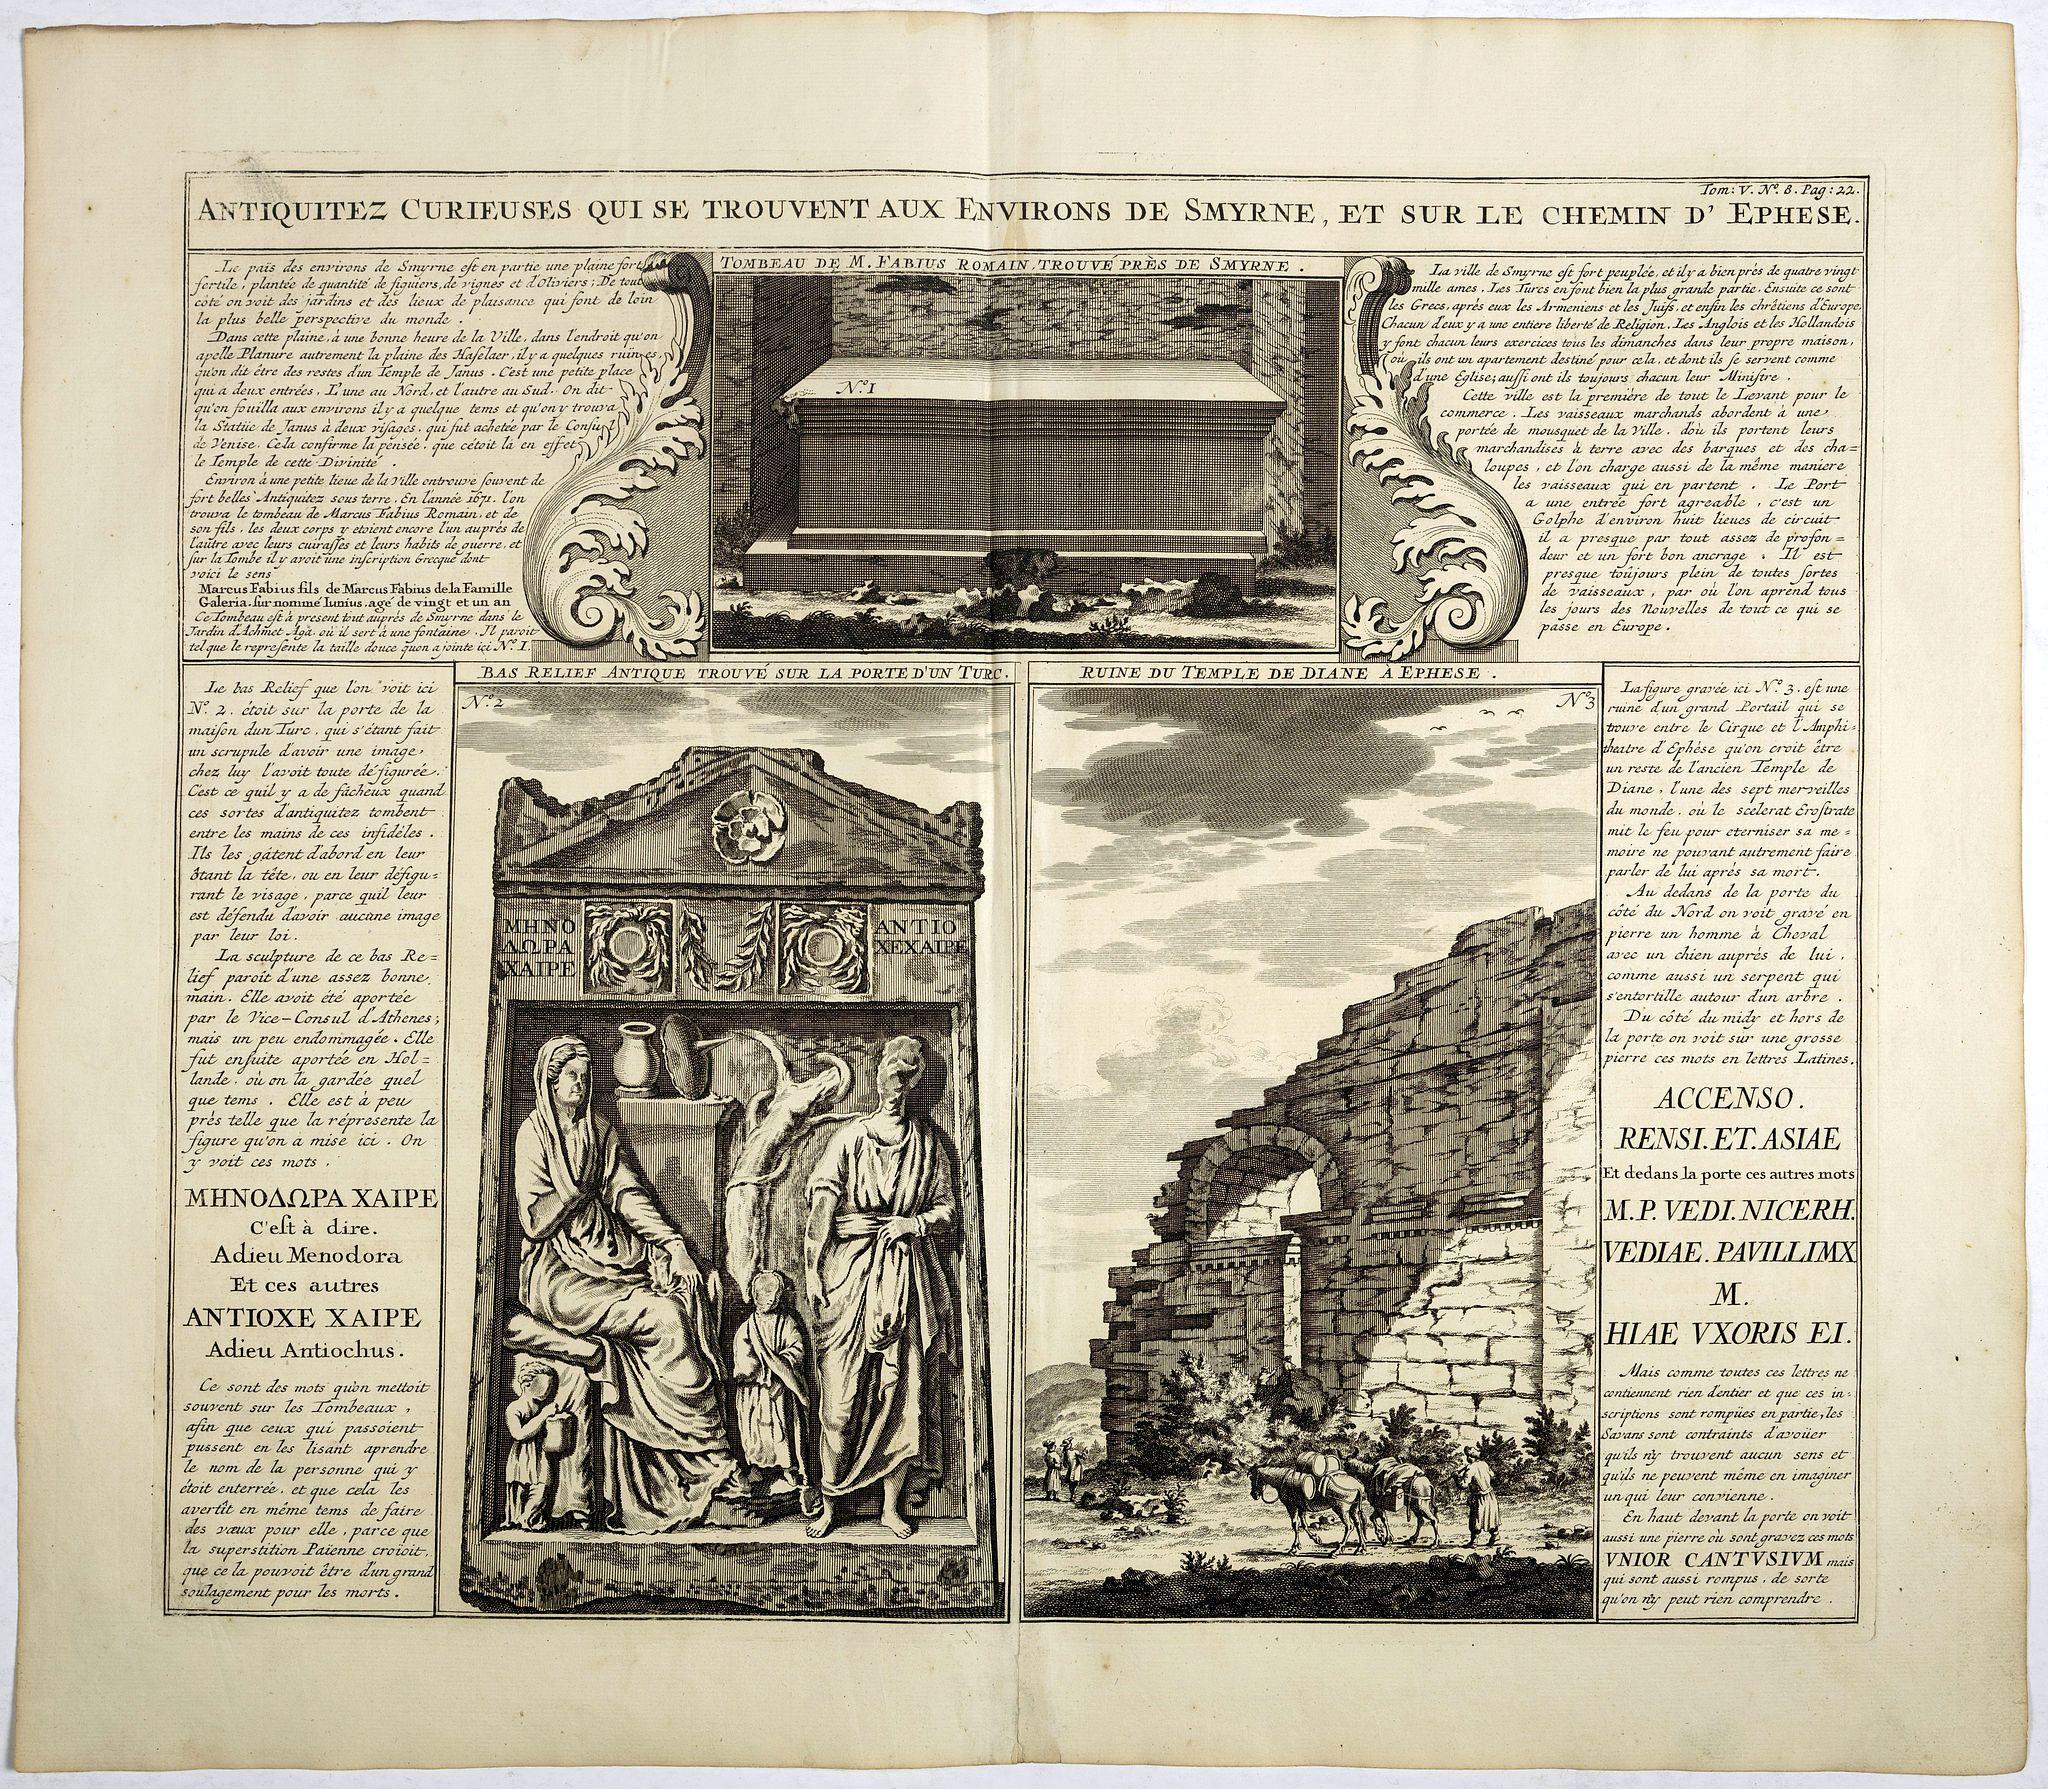 CHATELAIN, H. -  Antiquez curieuses qui se trouvent aux environs de Smyrne, et sur le chemin d'Ephese.